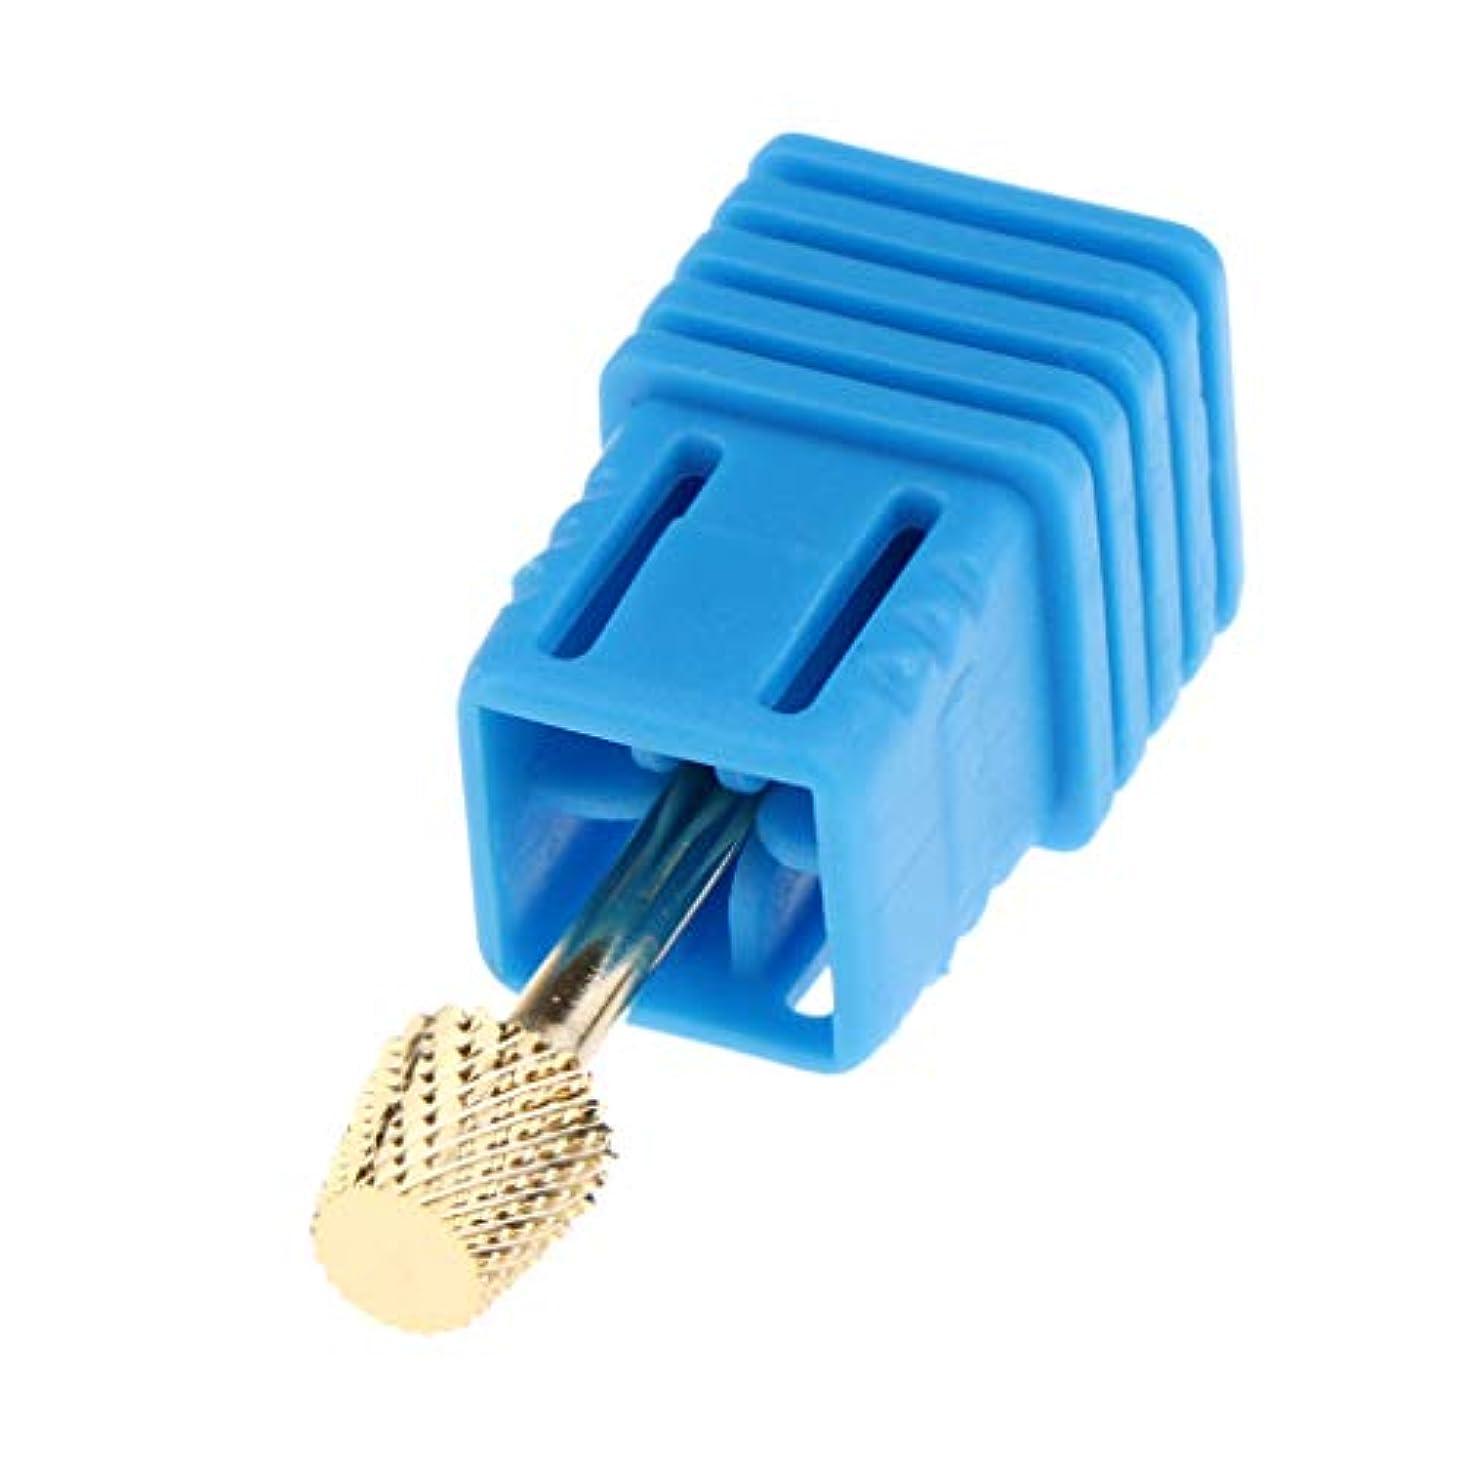 市の花分析的賠償gazechimp 8サイズ選択 マニキュア ネイルドリルペンビット 電気ネイルドリルビット - STZJ10 3.2cm